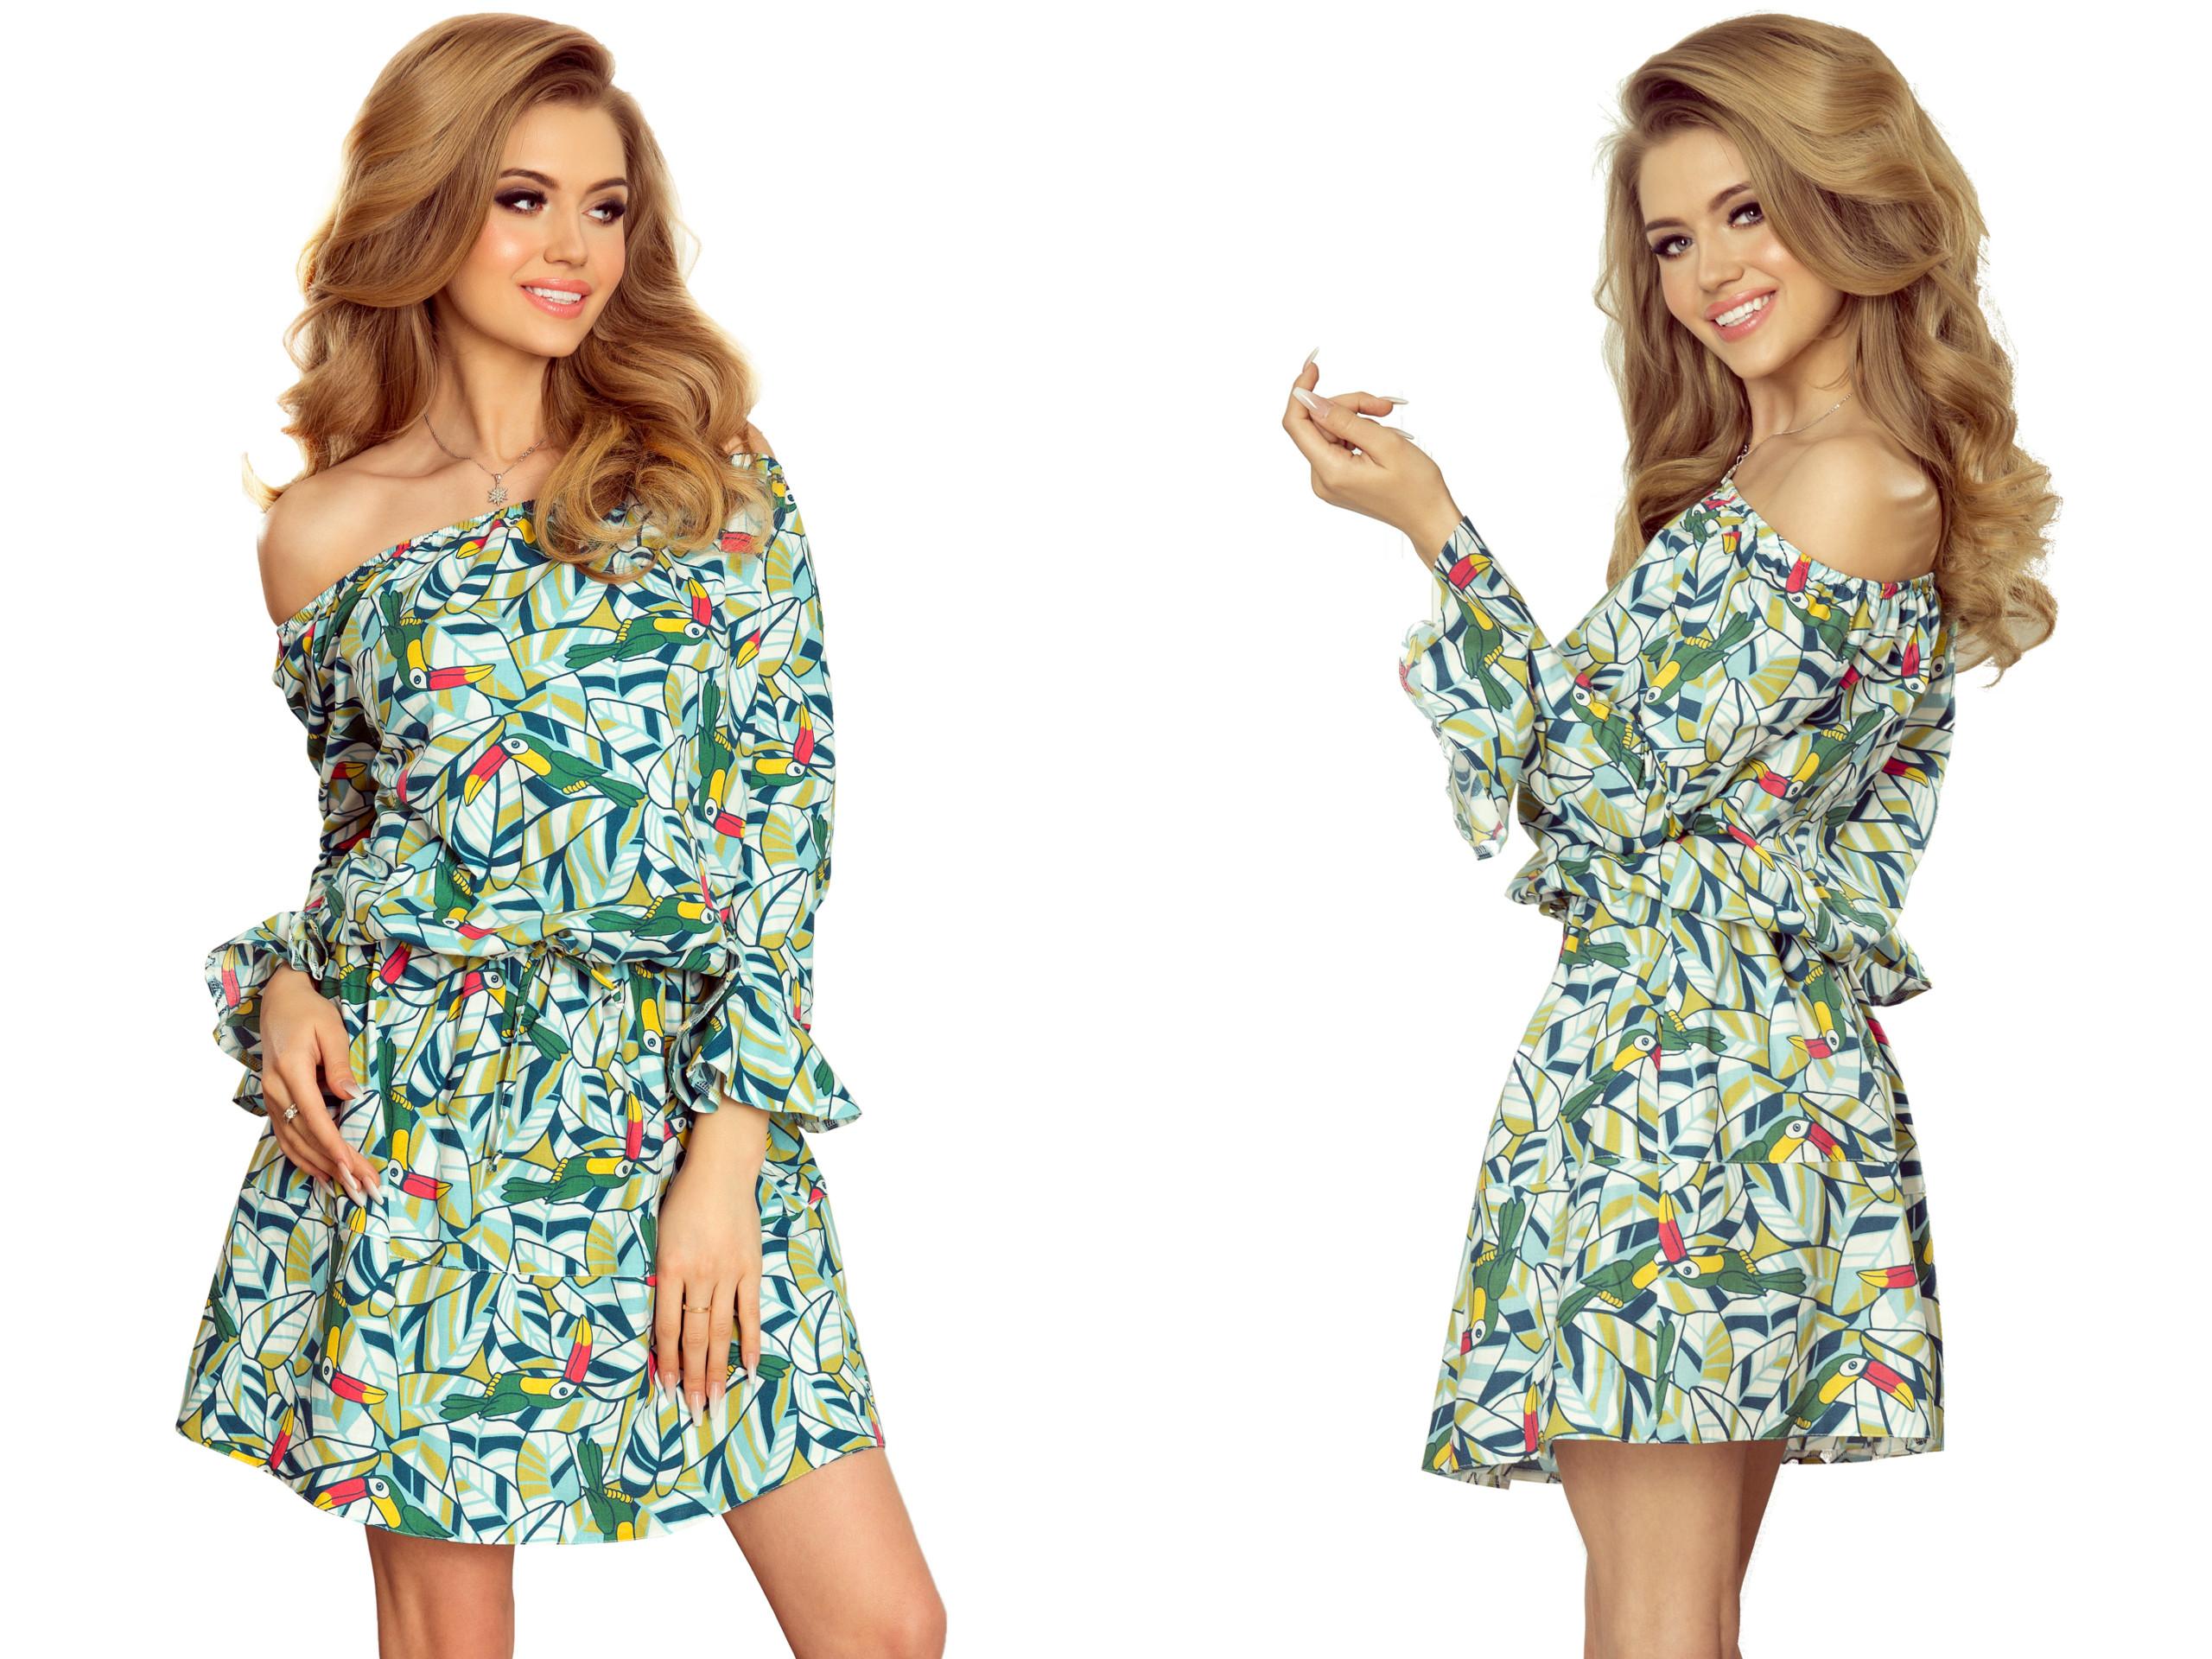 83d7278a16 Sportowe Sukienki Z Marszczeniem w Pasie 198-4 XL 7414664419 - Allegro.pl